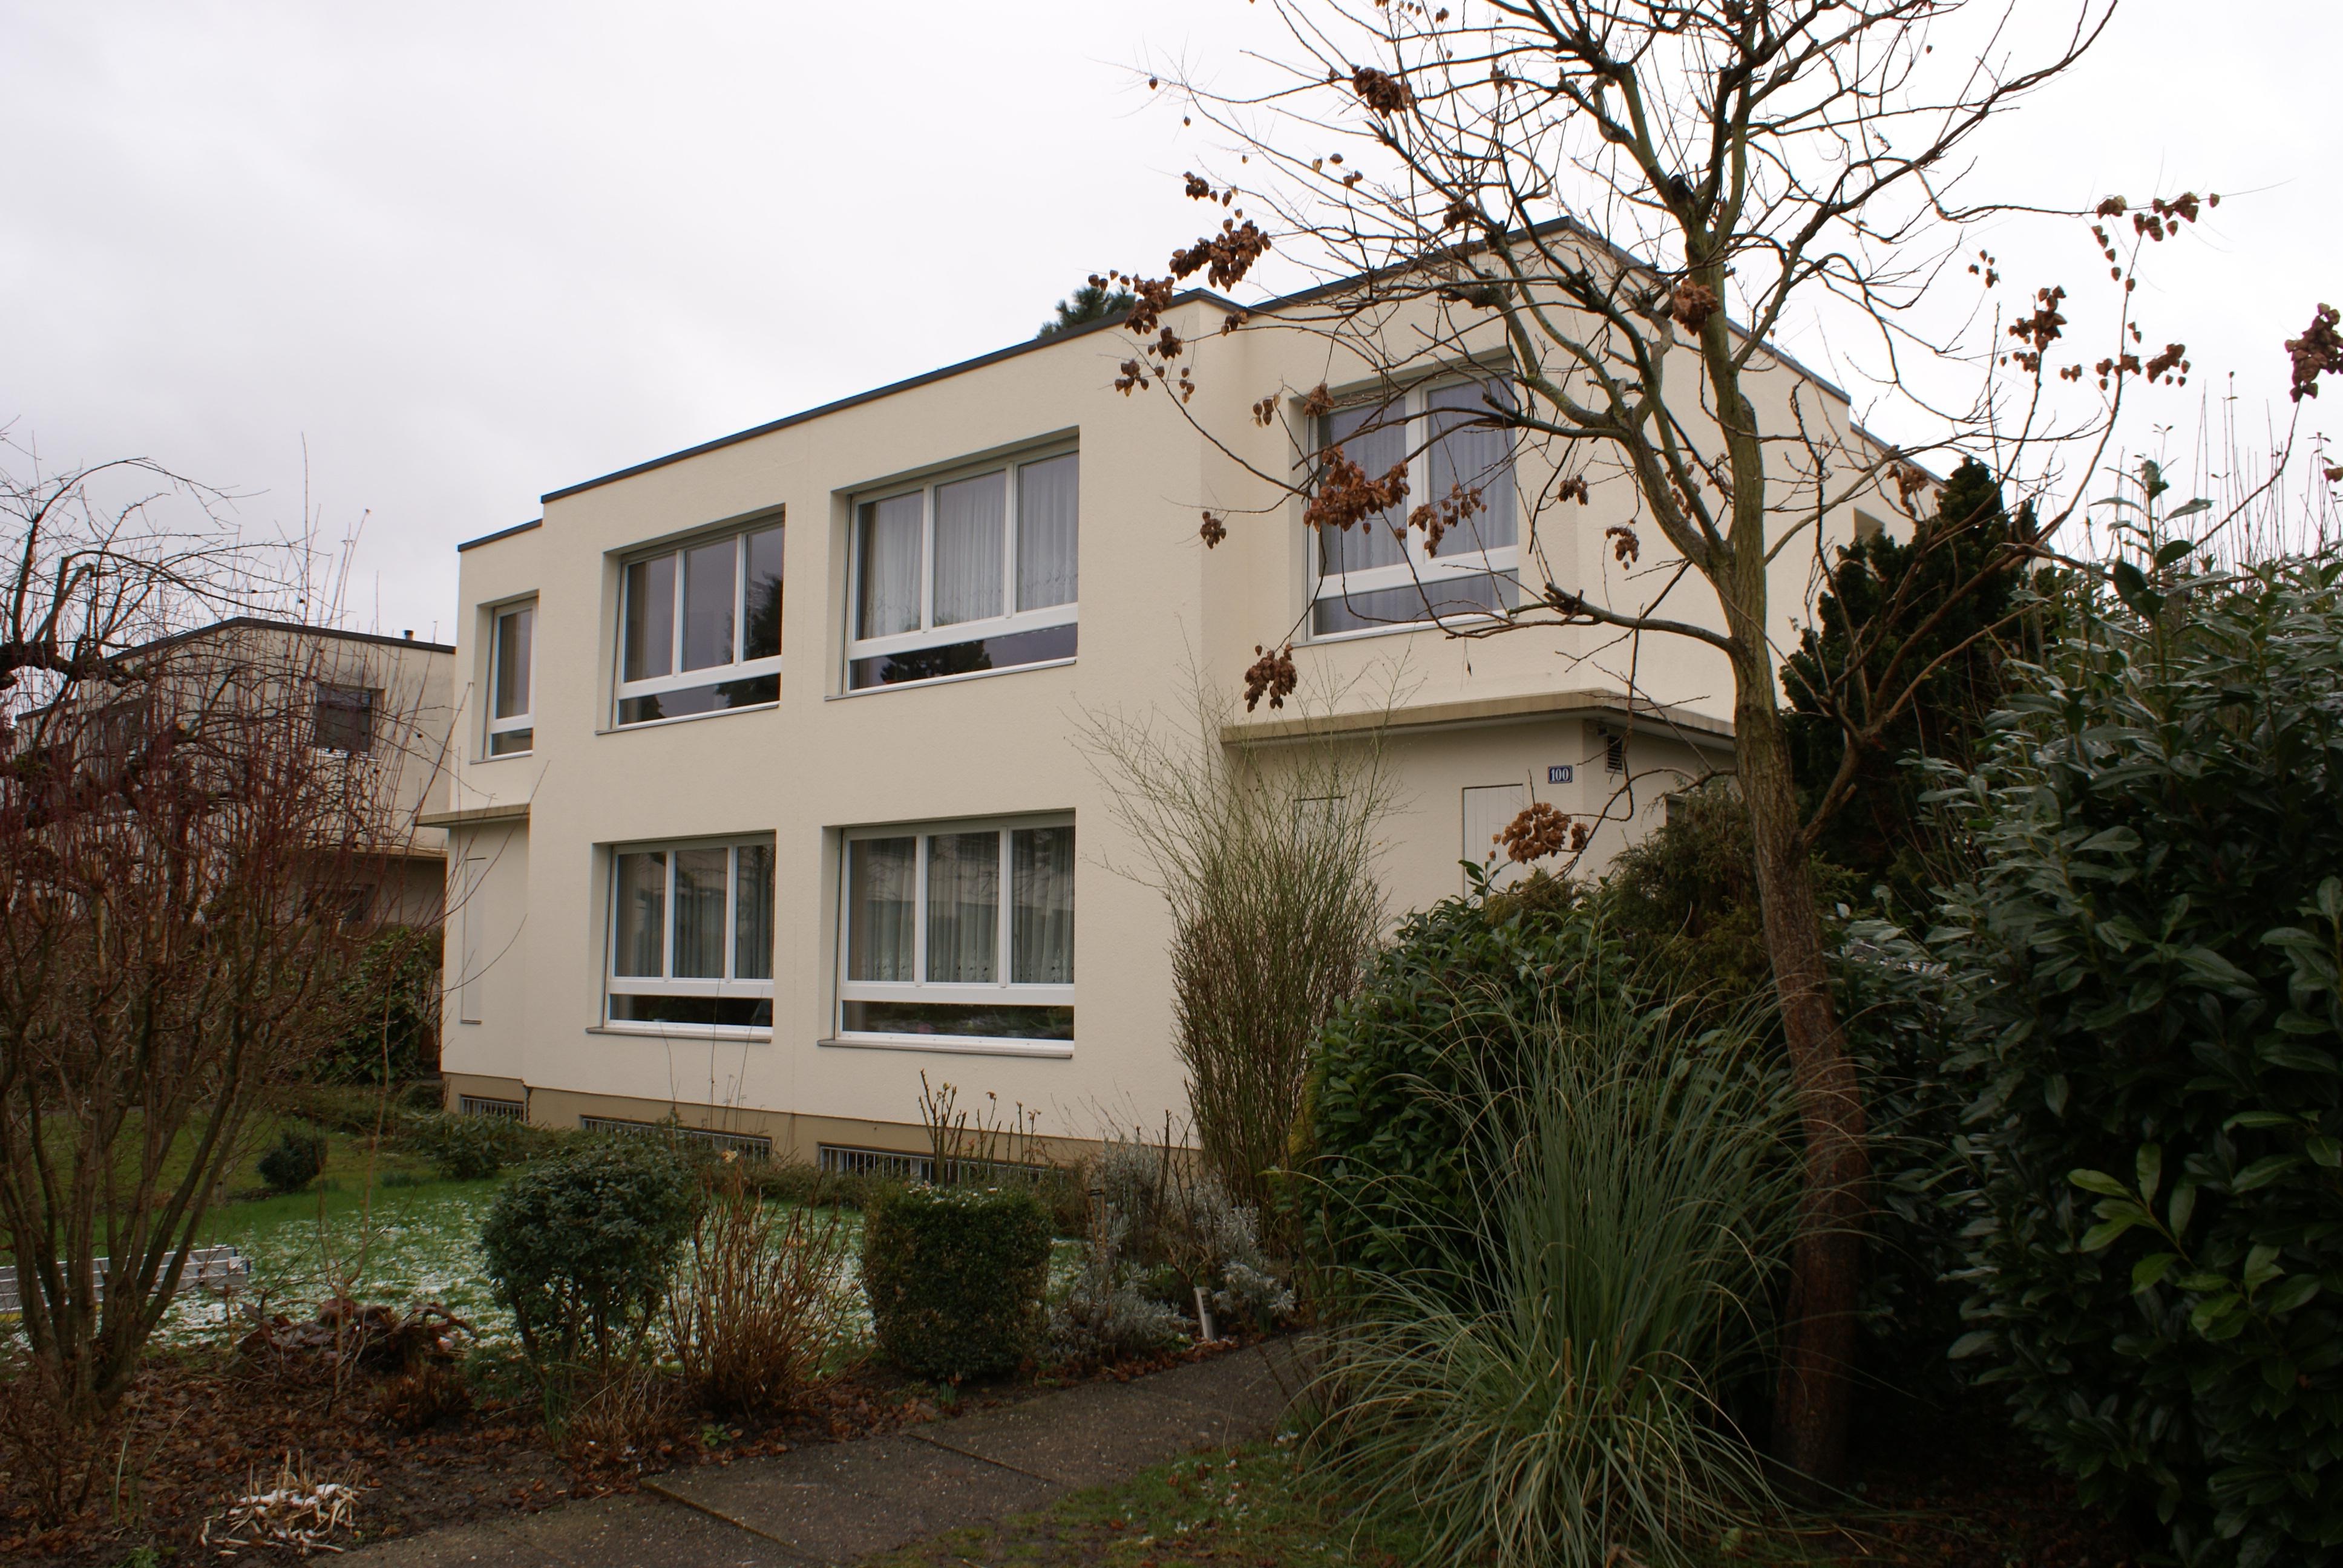 6,5-Zimmer-Doppel-EFH in Binningen (verkauft)